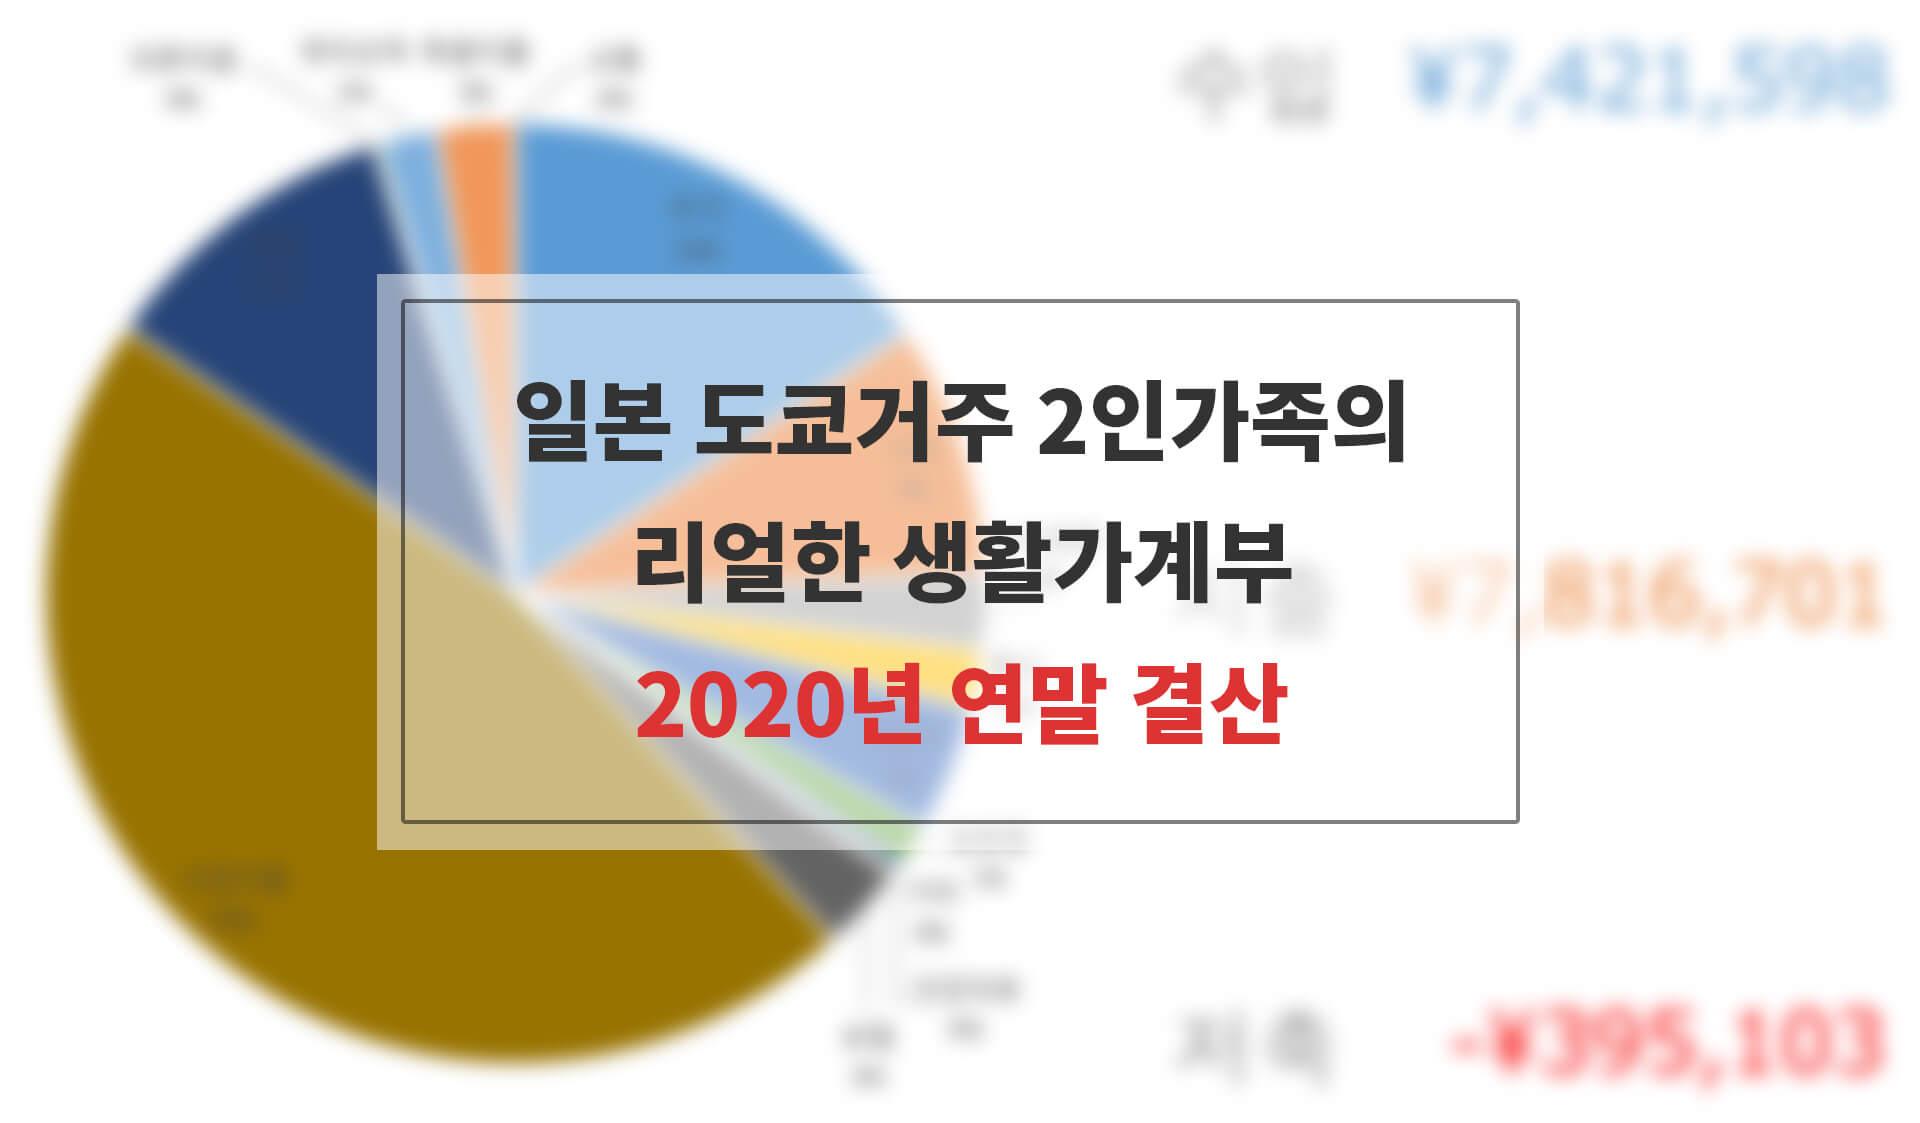 2020년 가계부 연말결산